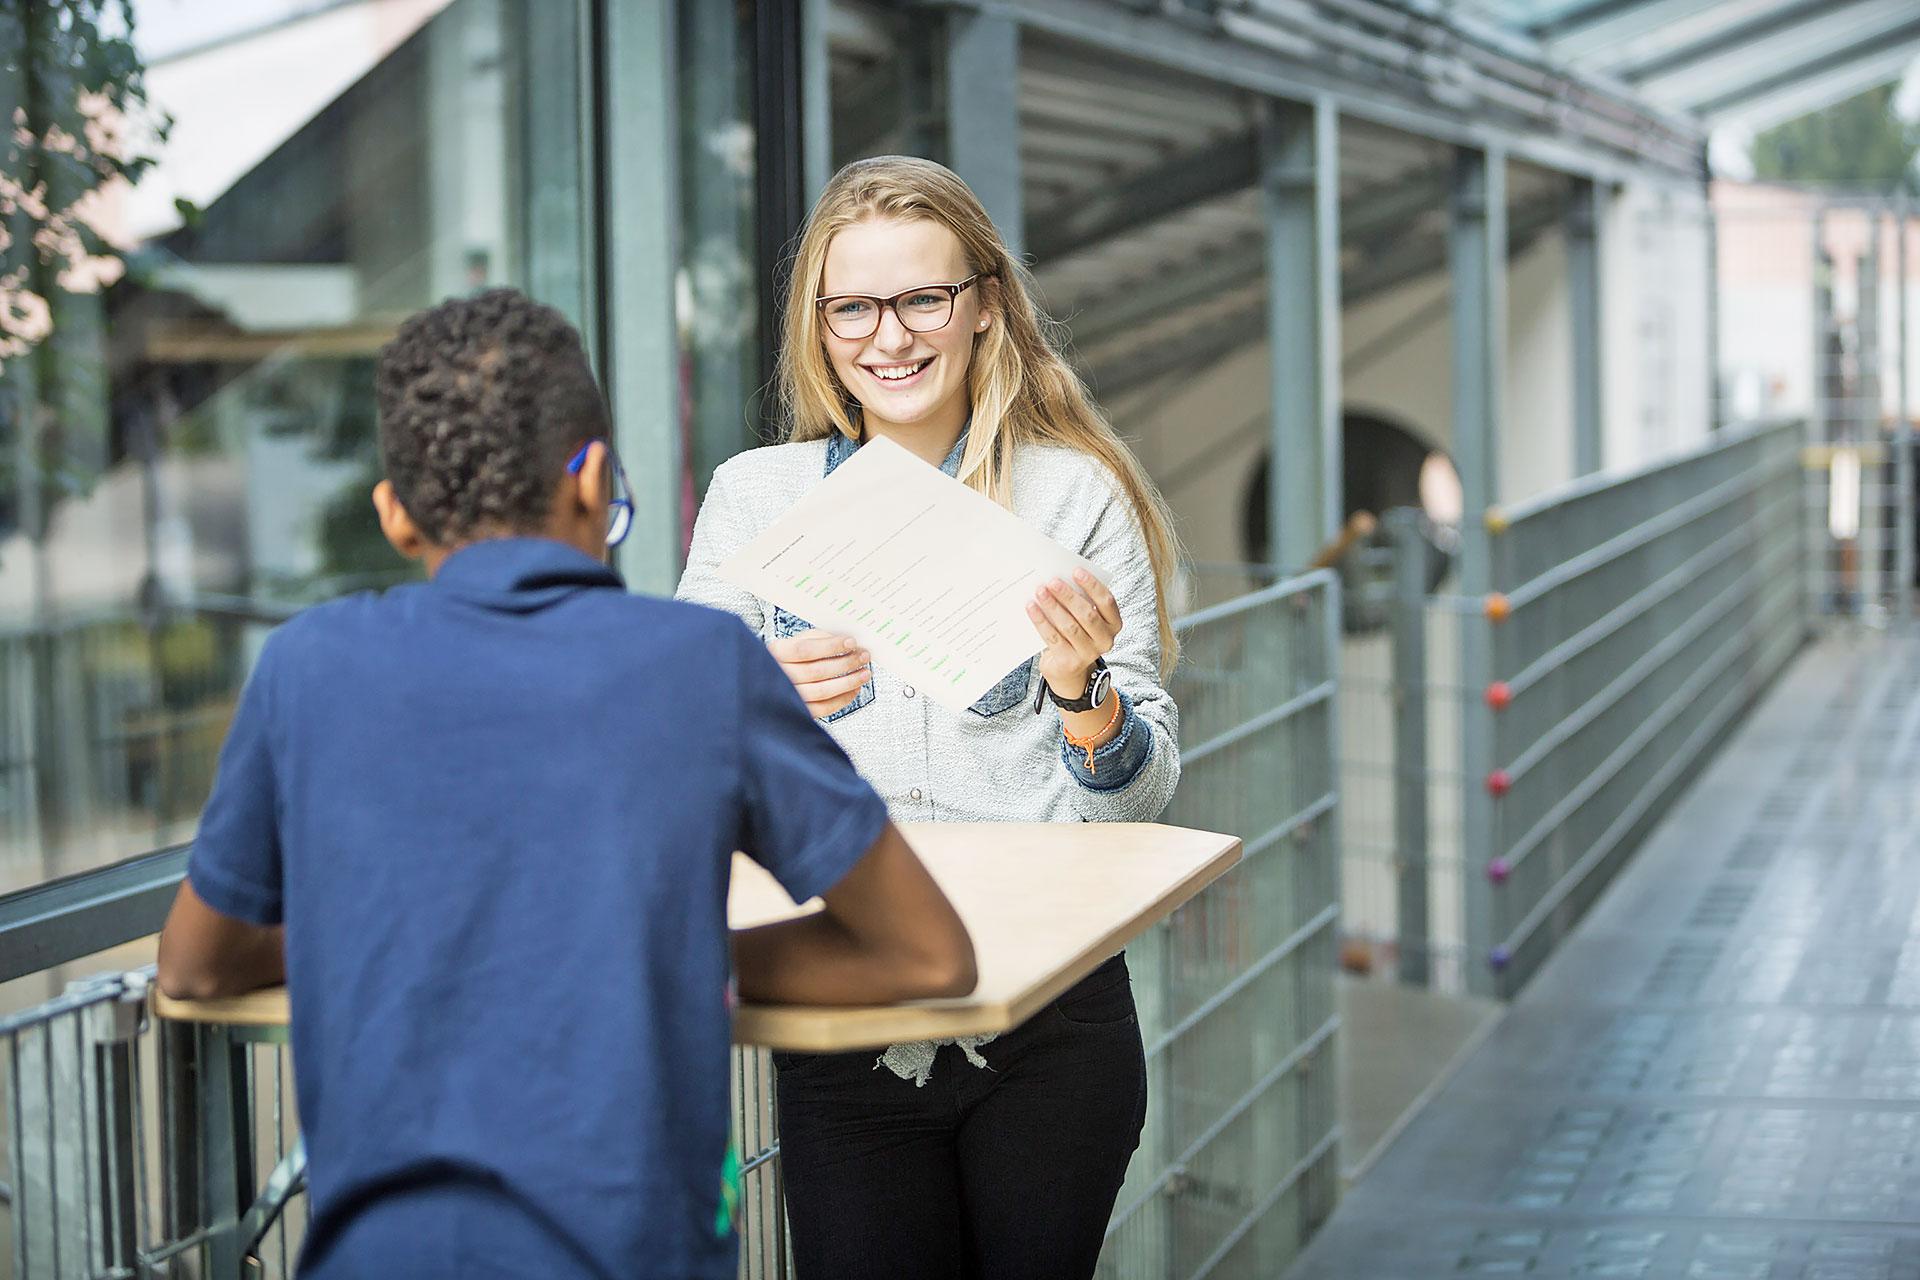 eine Schülerin und ein Schüler arbeiten in Partnerarbeit an einem Stehpult auf dem Korridor